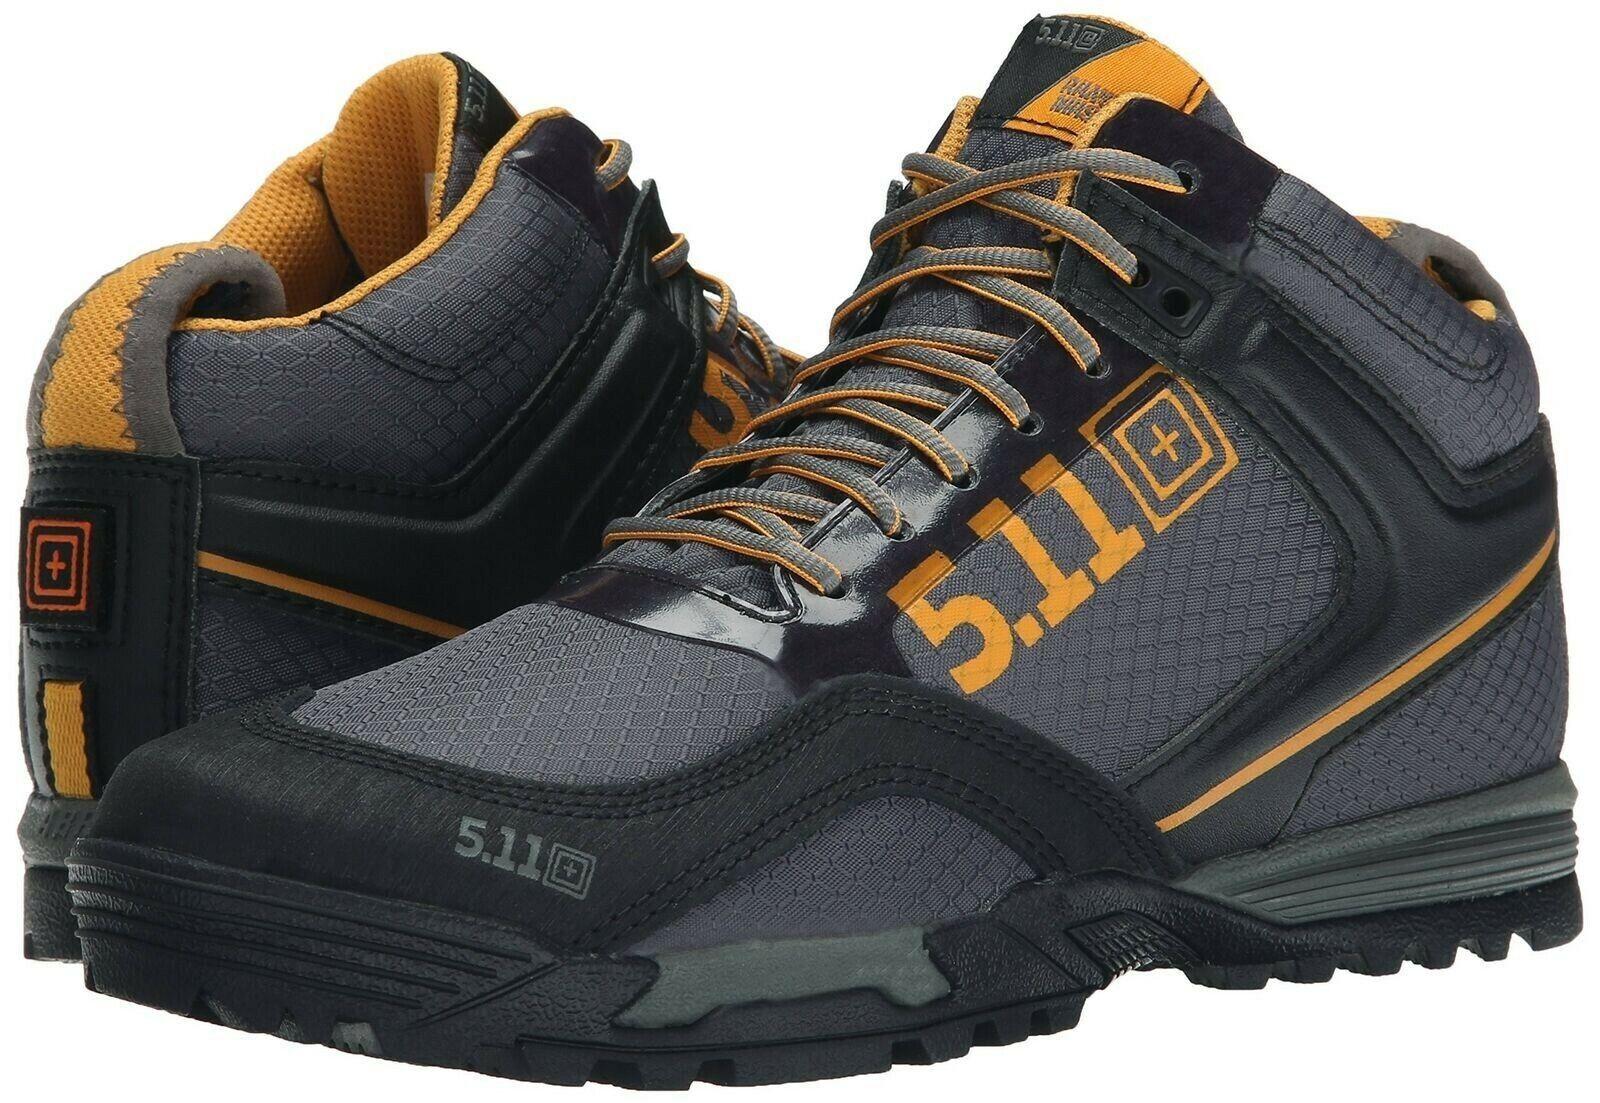 Nuevo 5.11 maestro de rango Táctico Para Hombre Senderismo Zapatos botas De Trabajo MSRP